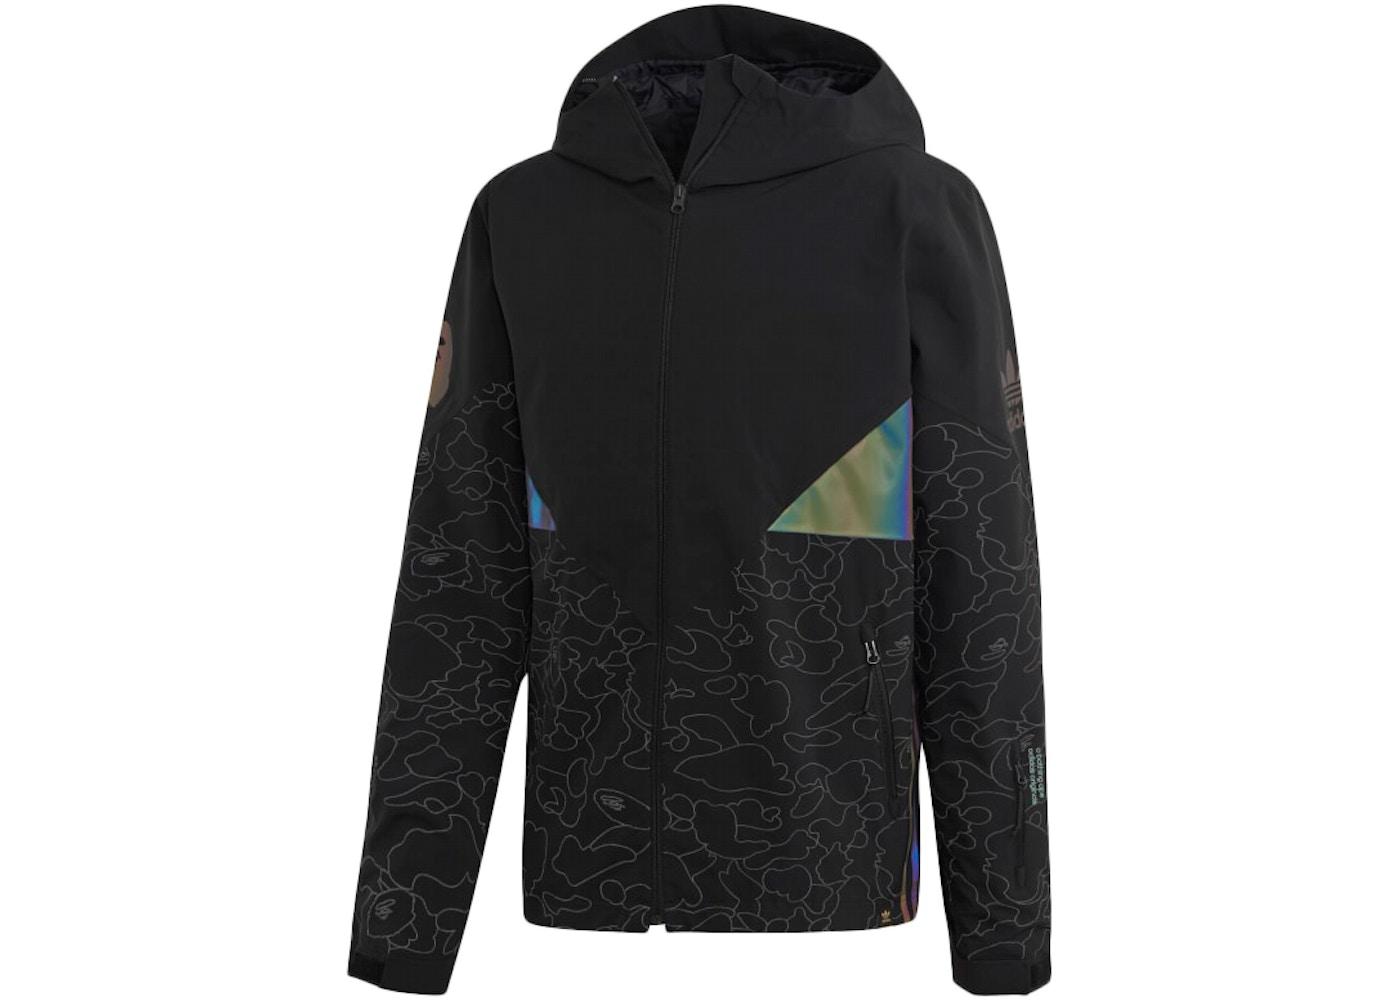 a01537b9 BAPE x Adidas Snow Jacket Black - FW18